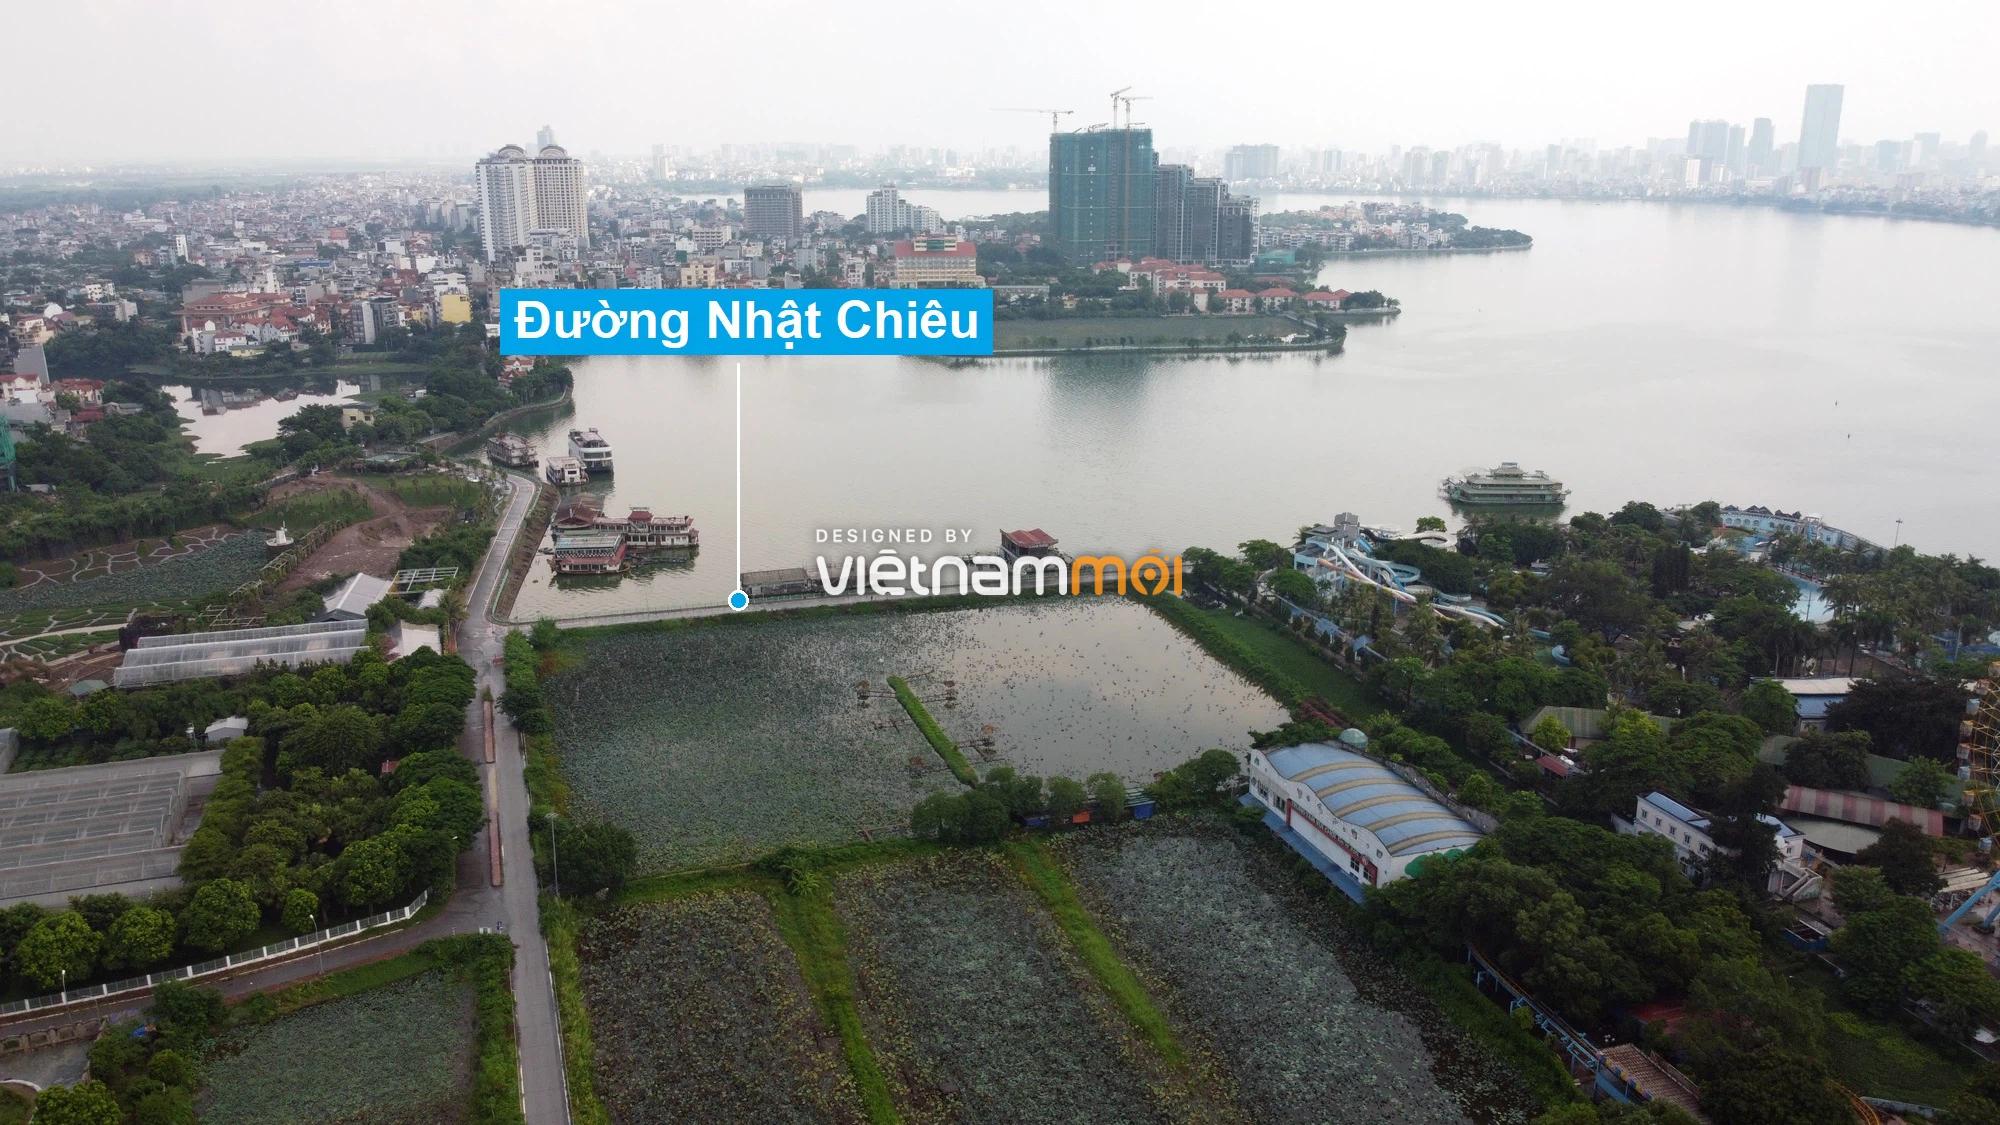 Những khu đất sắp thu hồi để mở đường ở quận Tây Hồ, Hà Nội (phần 2) - Ảnh 12.